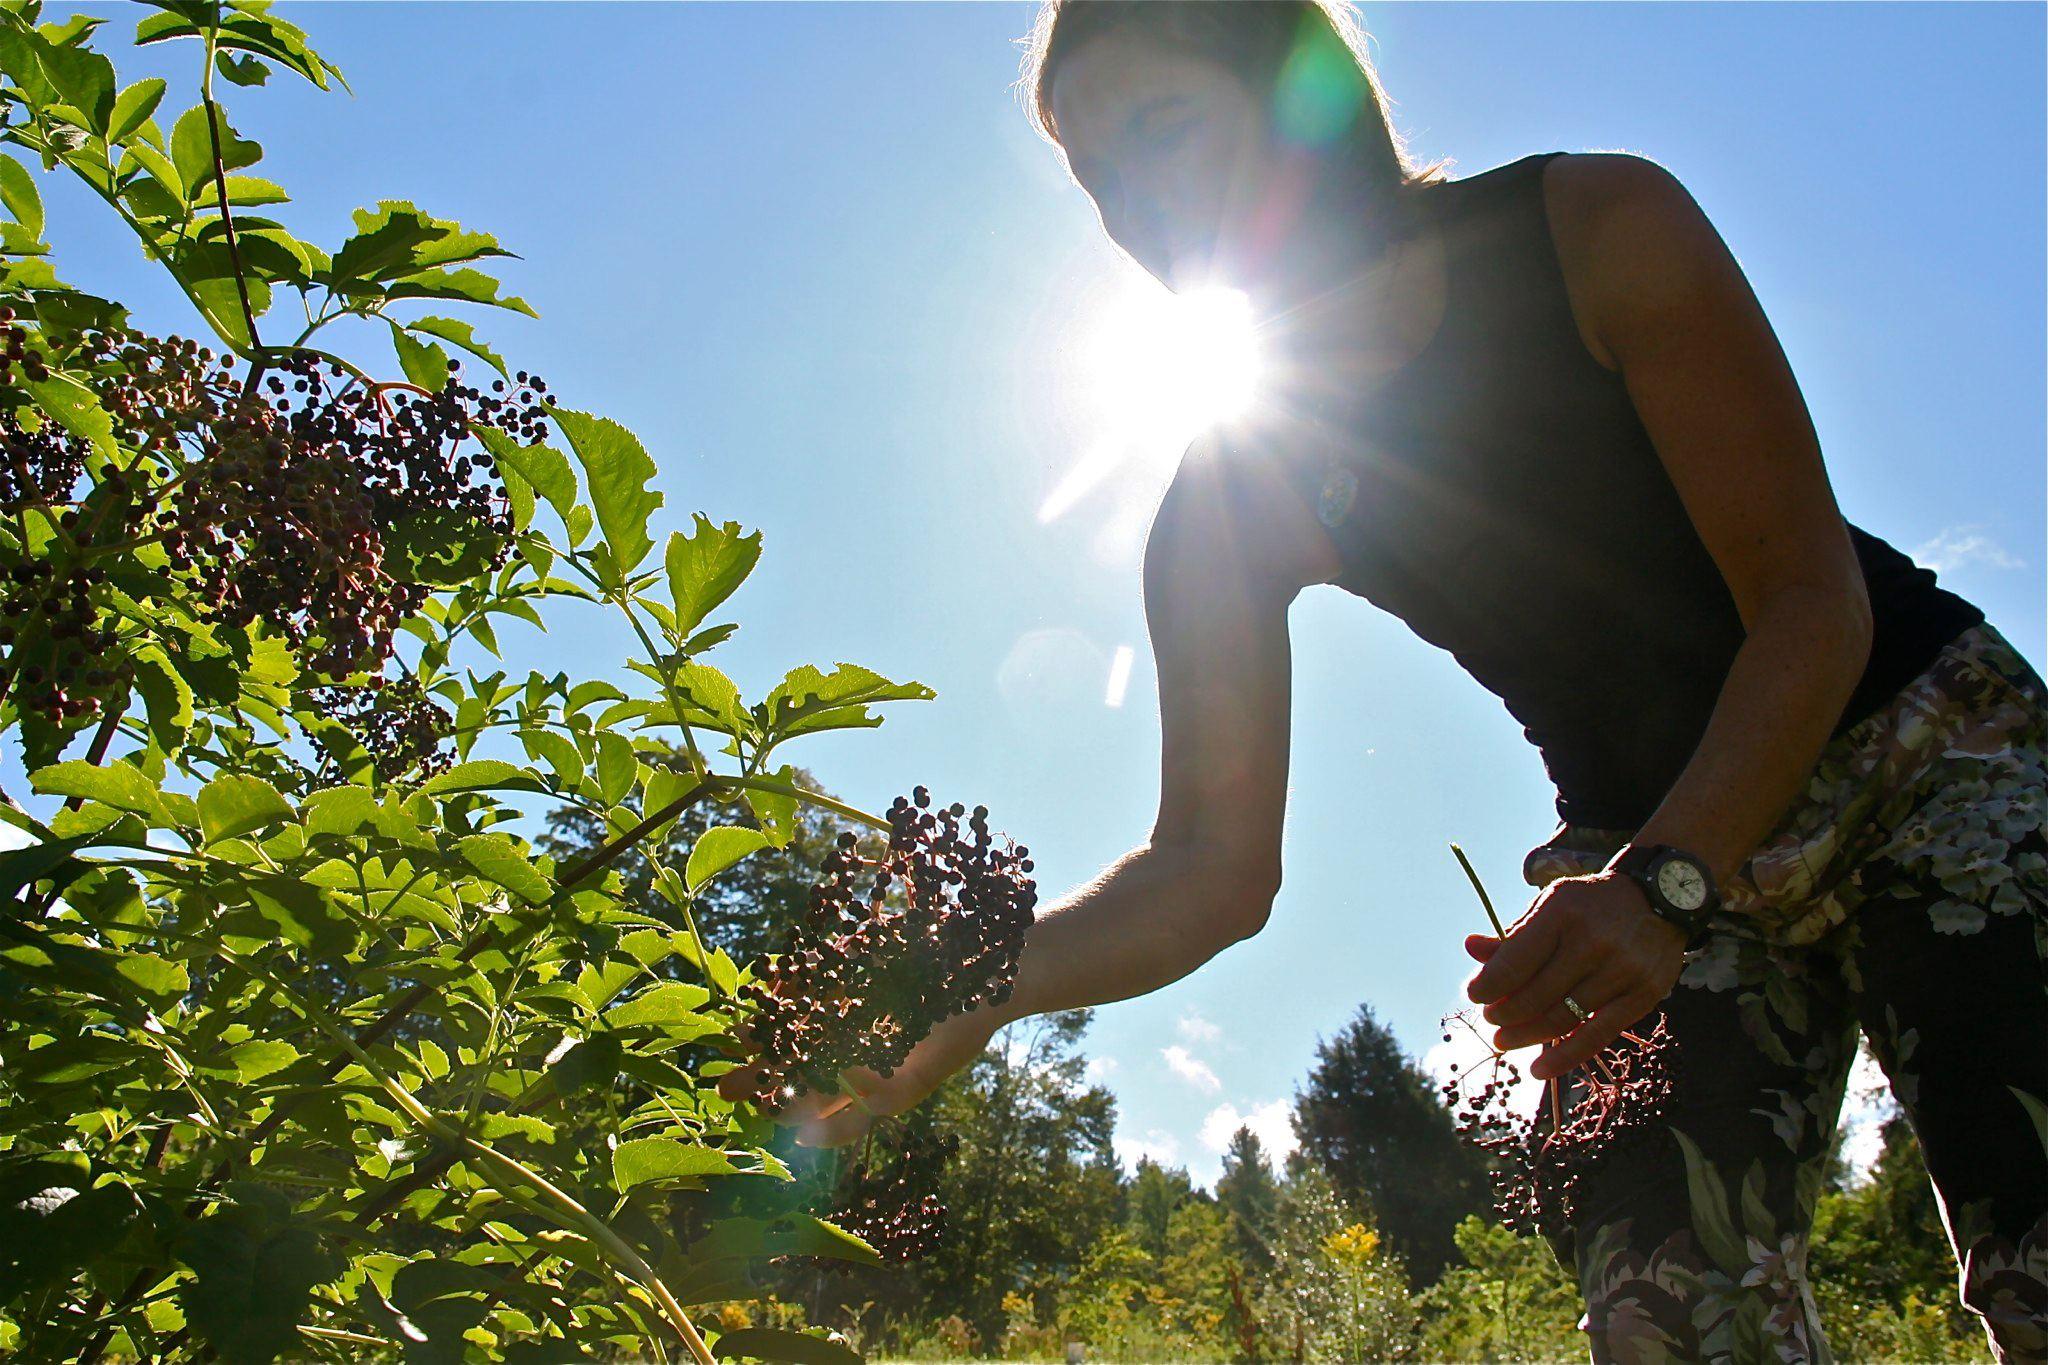 Helen harvesting Elderberries at Three Springs Farm